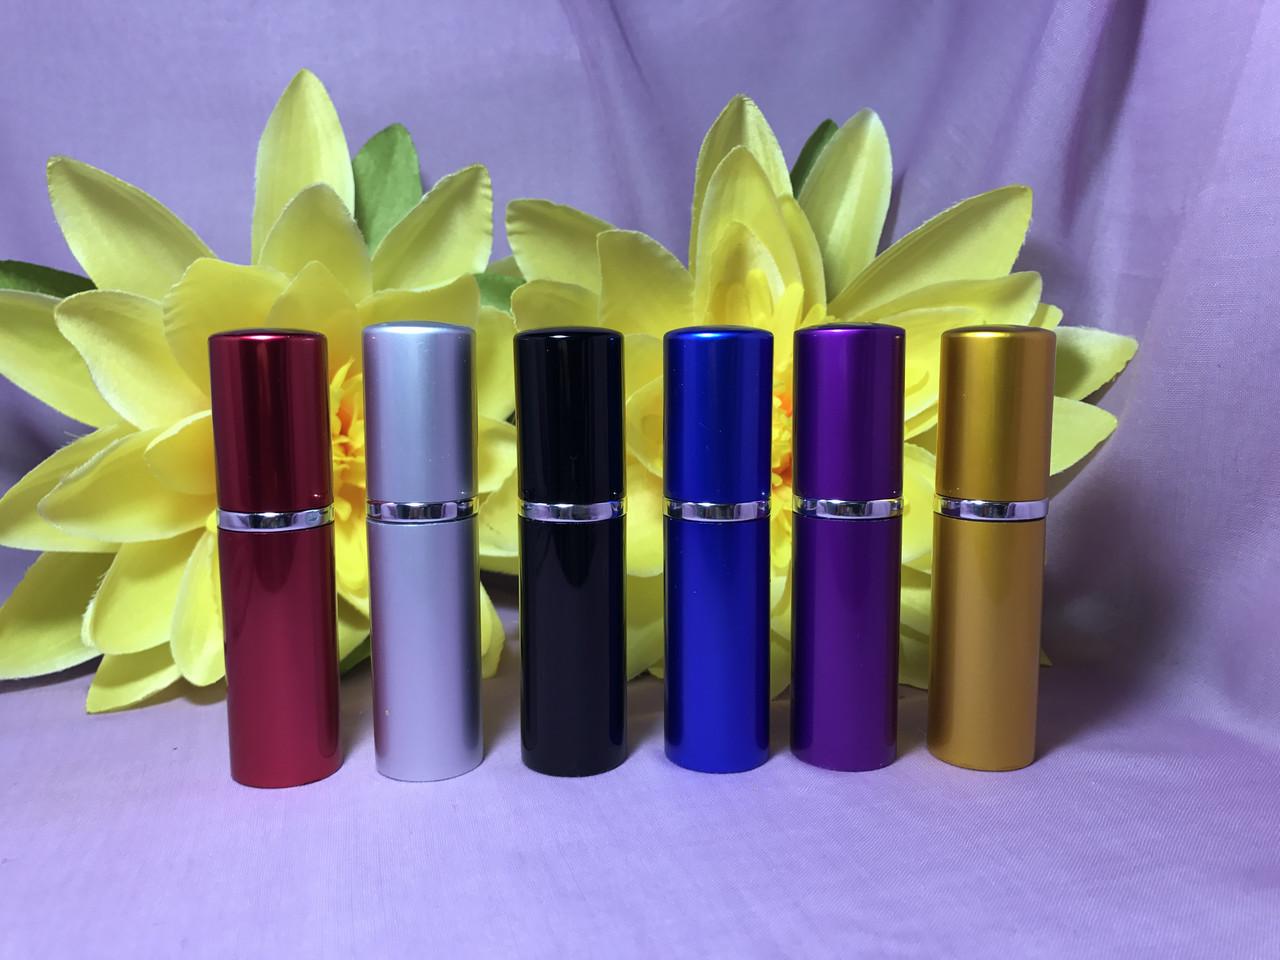 Флаконы для наливной парфюмерии 303-10 мл ТОЛЬКО ОПТ